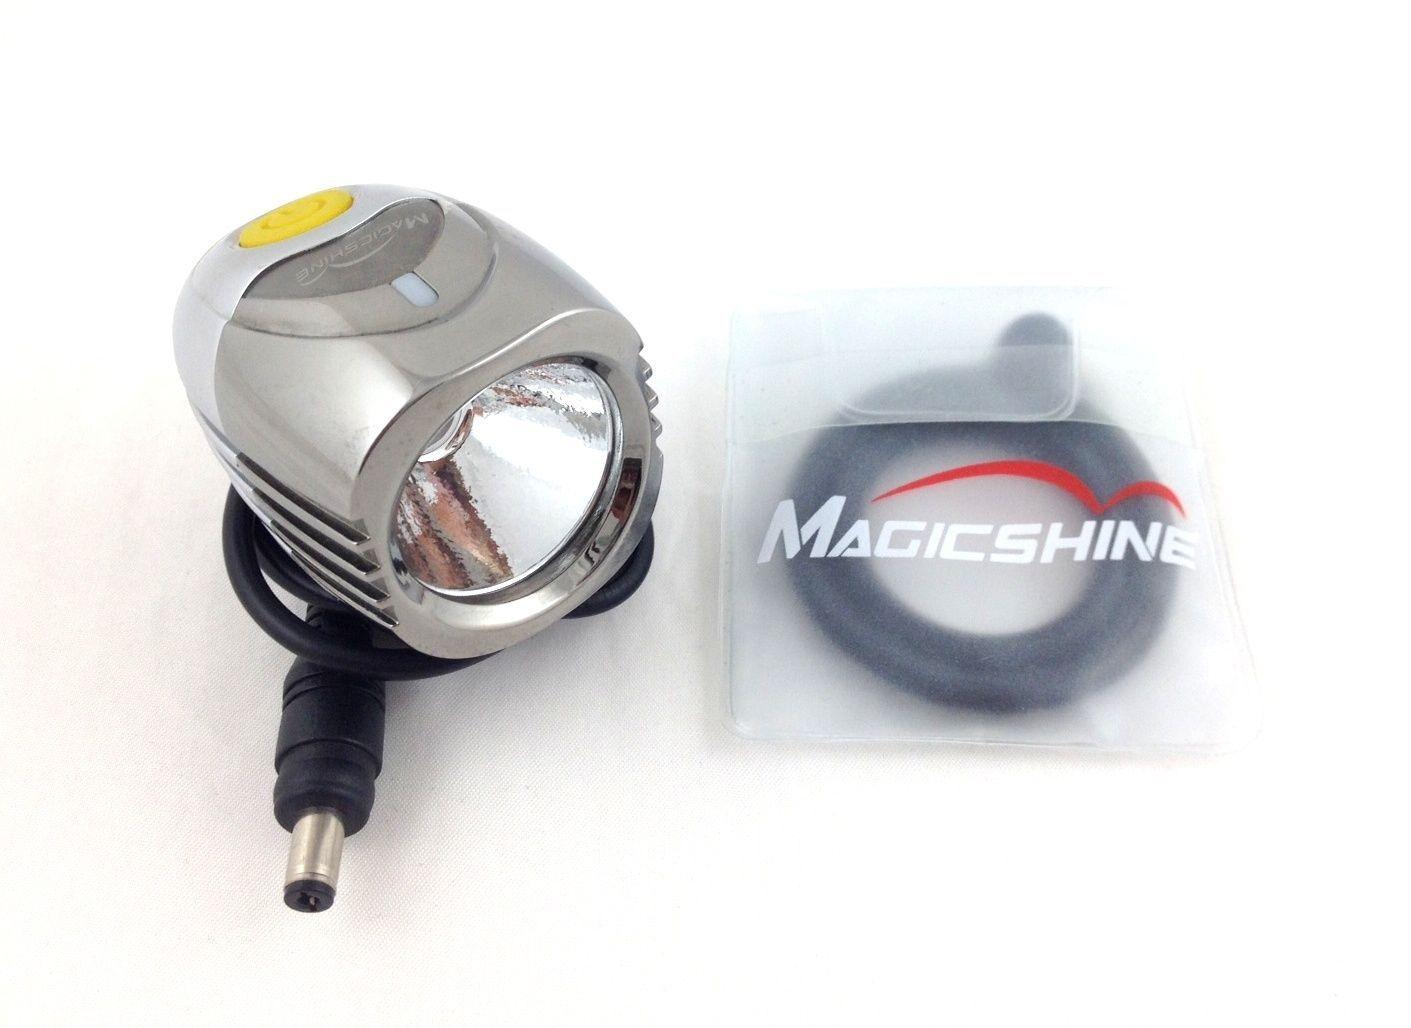 USED  MagicShine MJ868 Stainless Steel 1000 Lumen LED Bike  Light ONLY + O-rings  online-shop